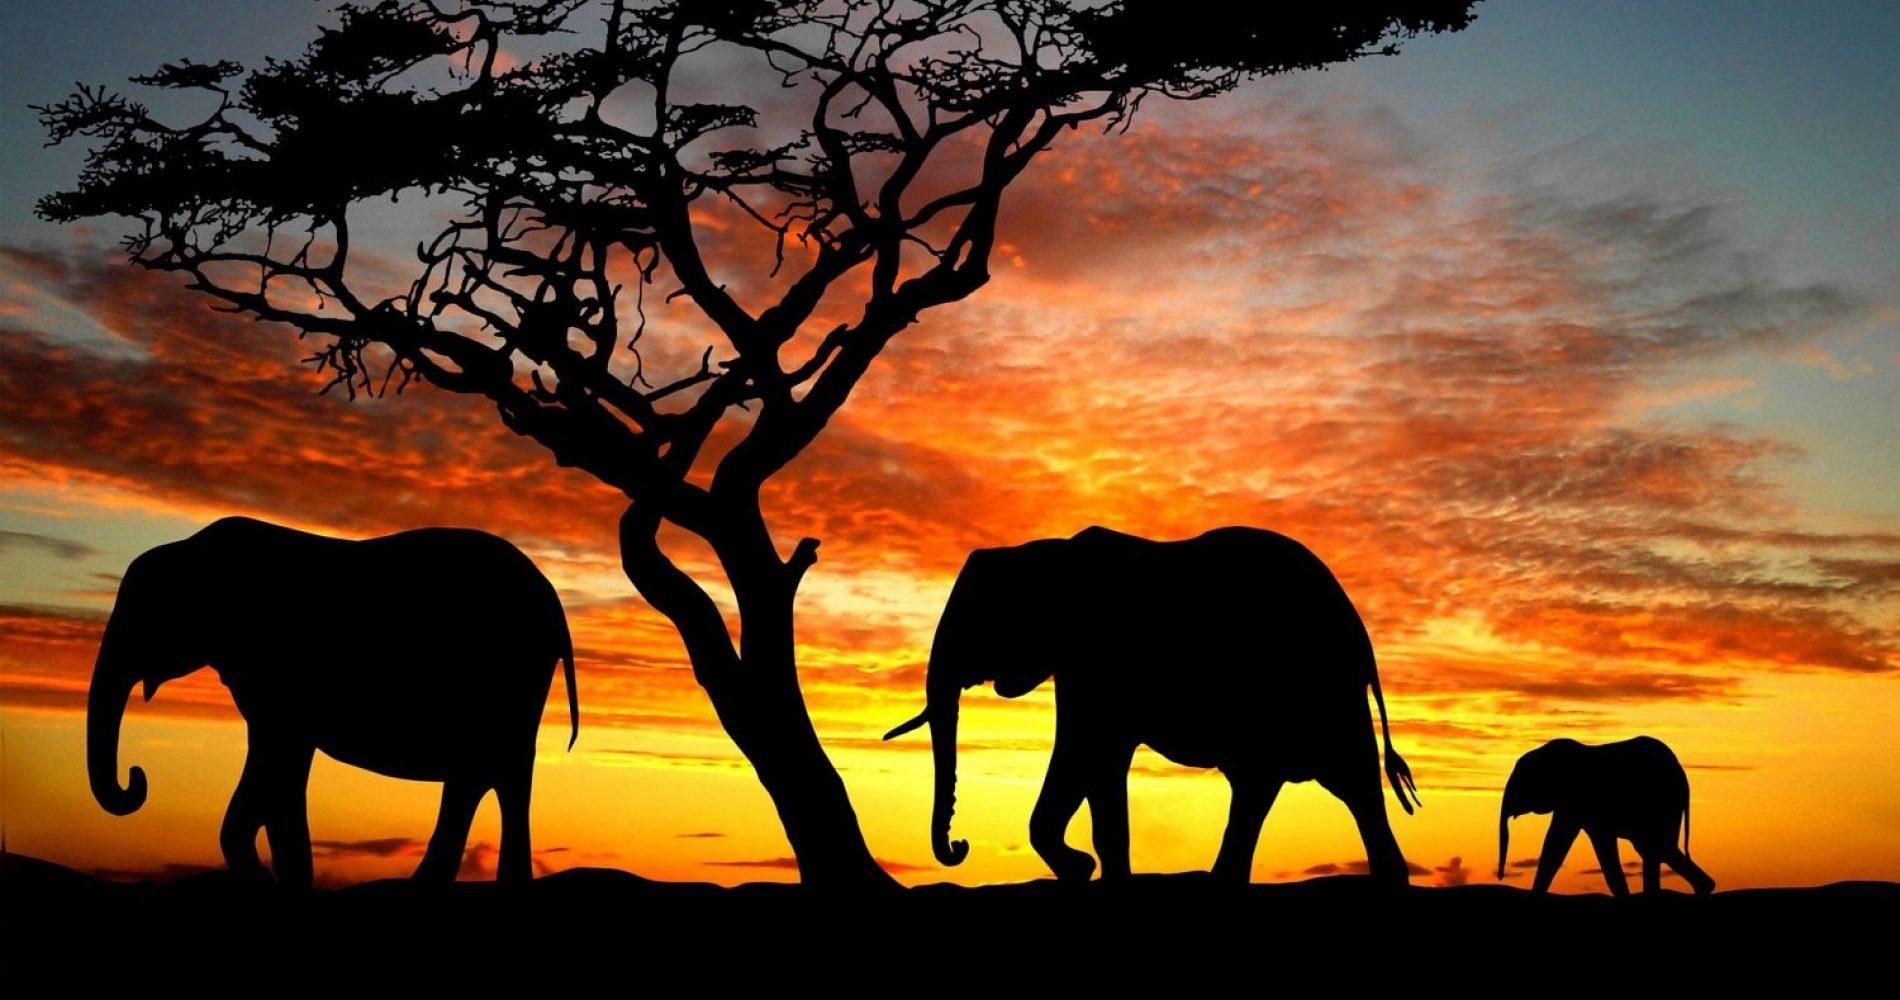 silhouette-di-elefanti-siluetta-dalbero-tramonto-nella-savana-192041